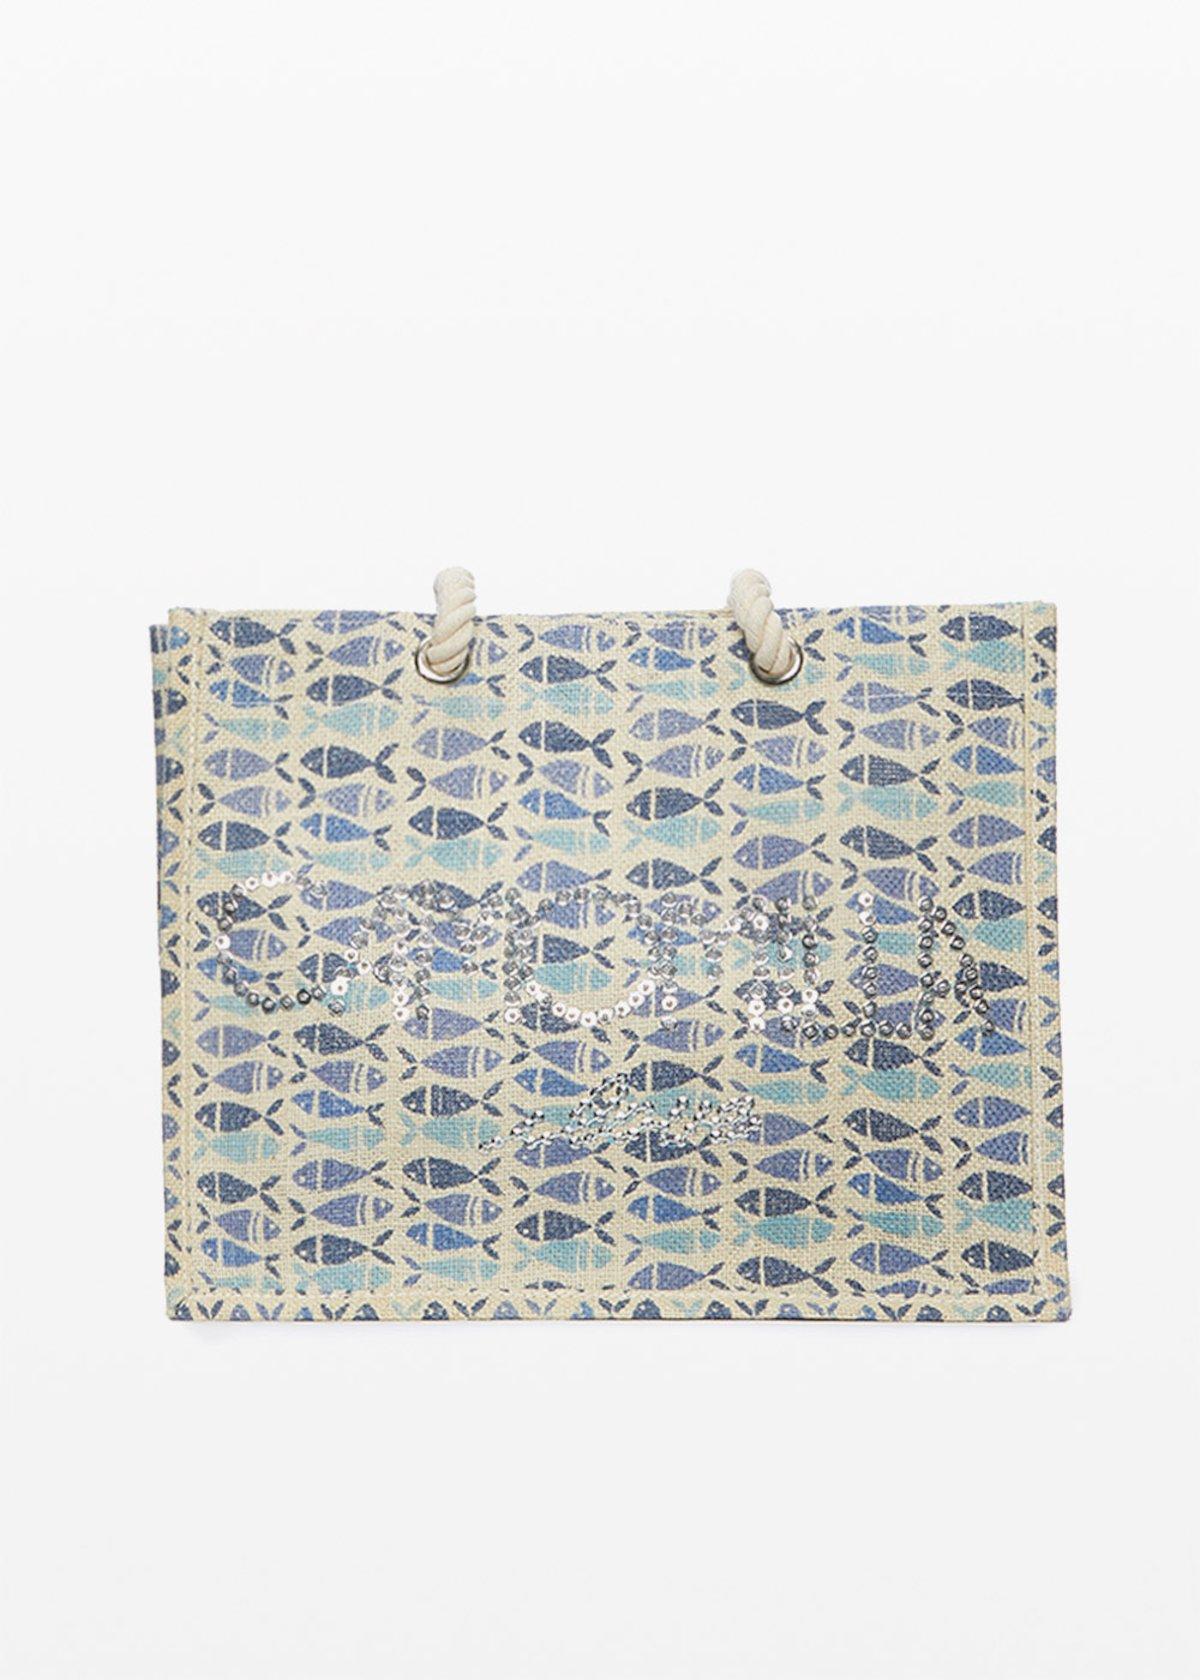 Jute bag Bitty fish print con logo Camomilla ilove in paillettes - Light Beige / Avion Fantasia - Woman